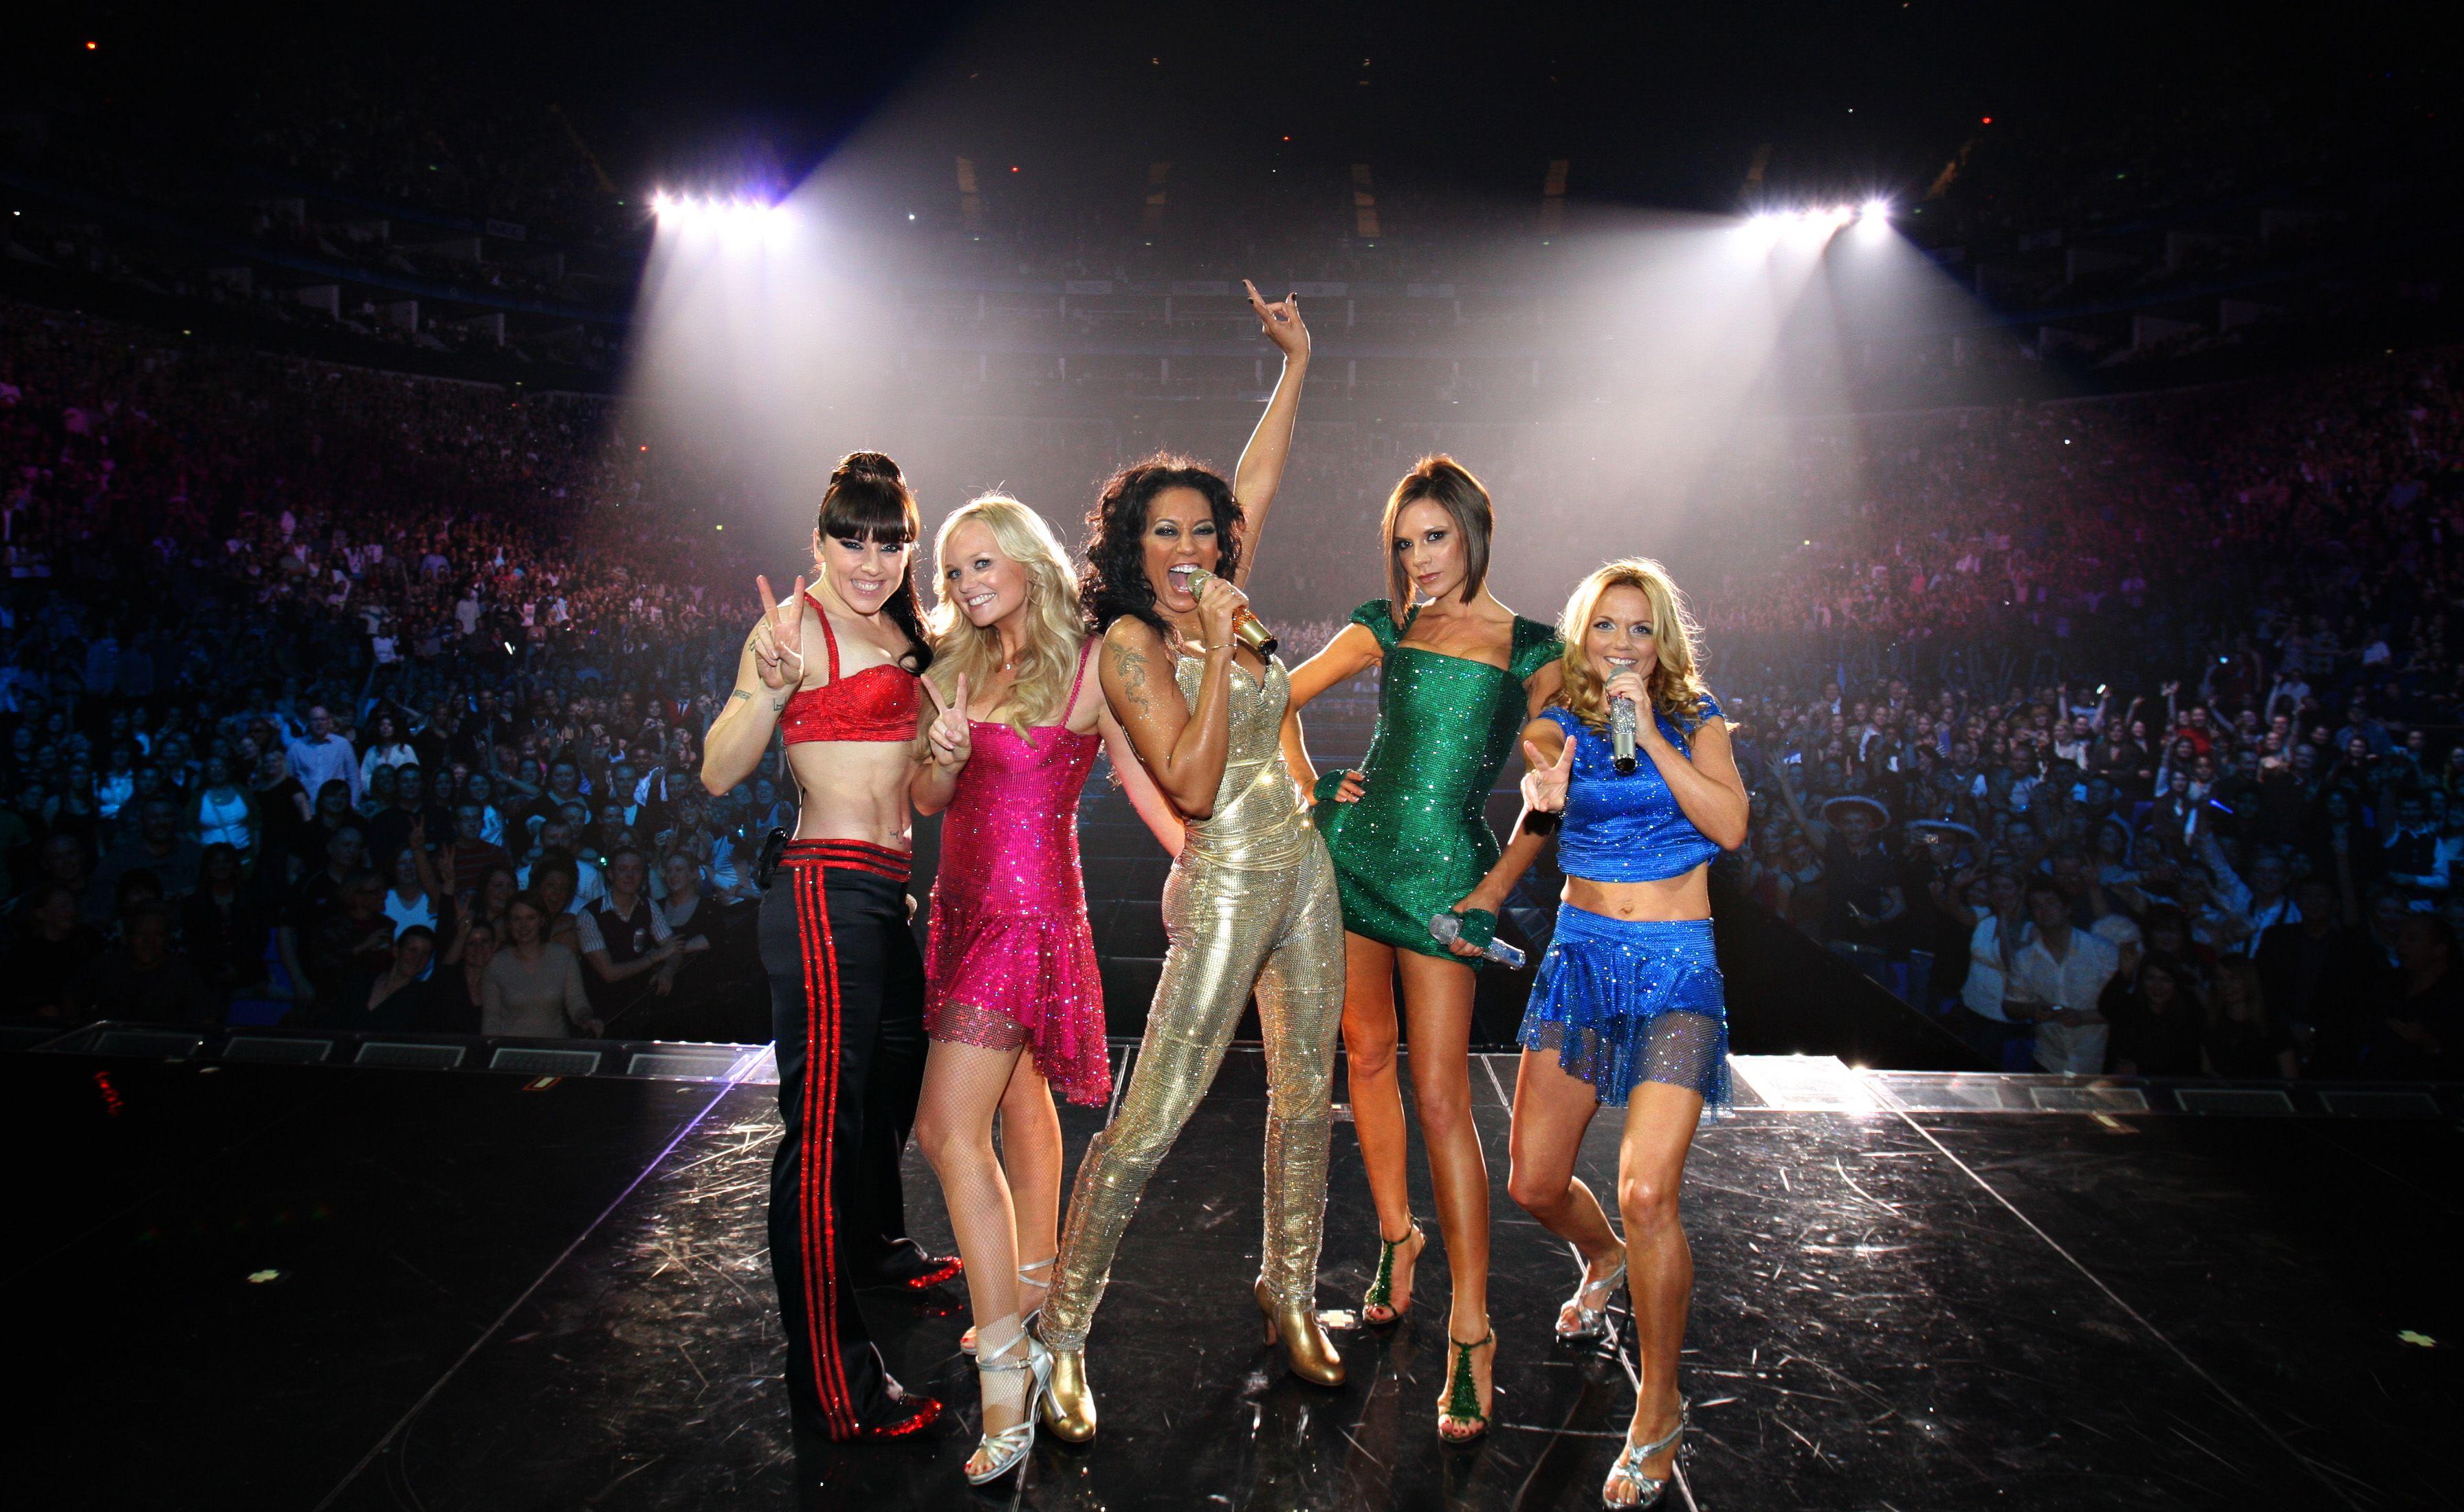 Le Spice Girls hanno grandi progetti per celebrare il loro 25esimo anniversario